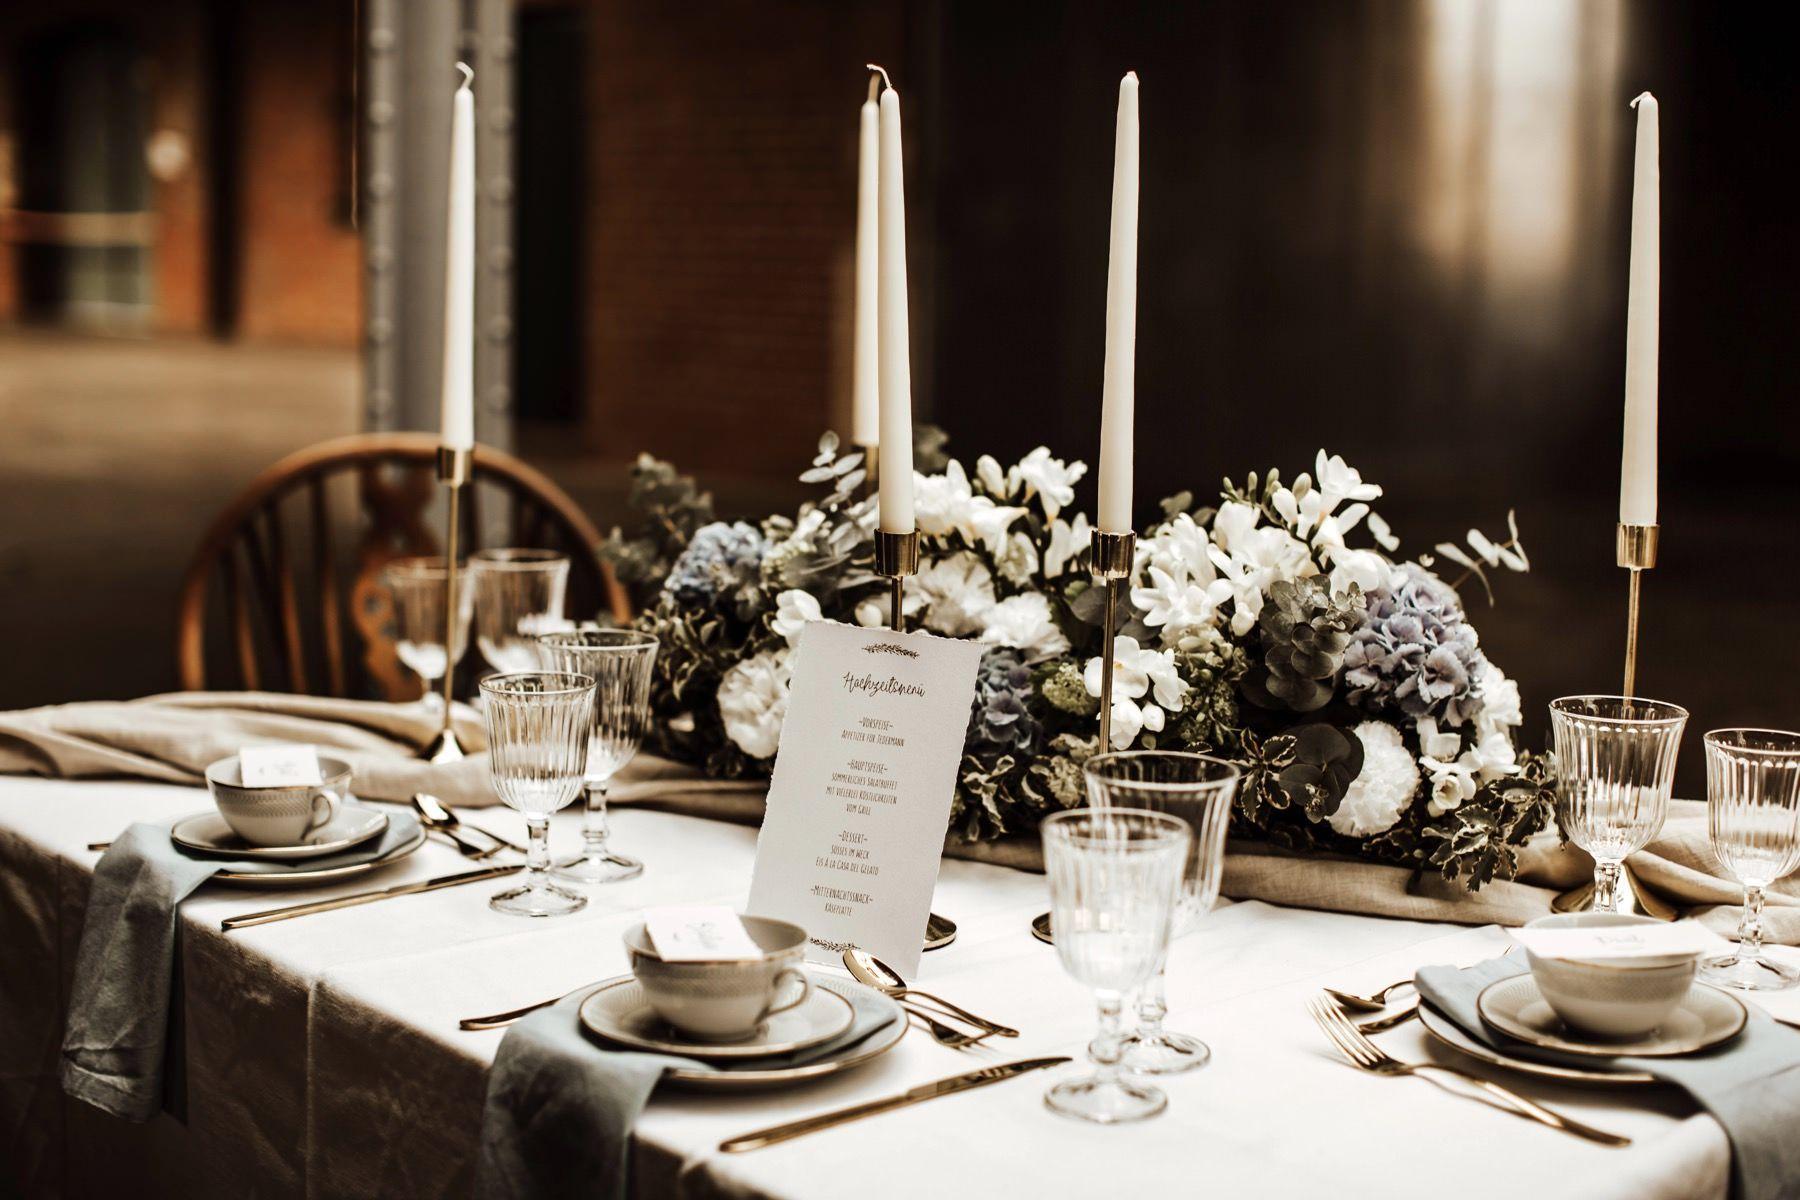 Eine Inspiration für Industrial Hochzeiten mit Frühlingstouch #industrialwedding #tabledecor #weddingtable